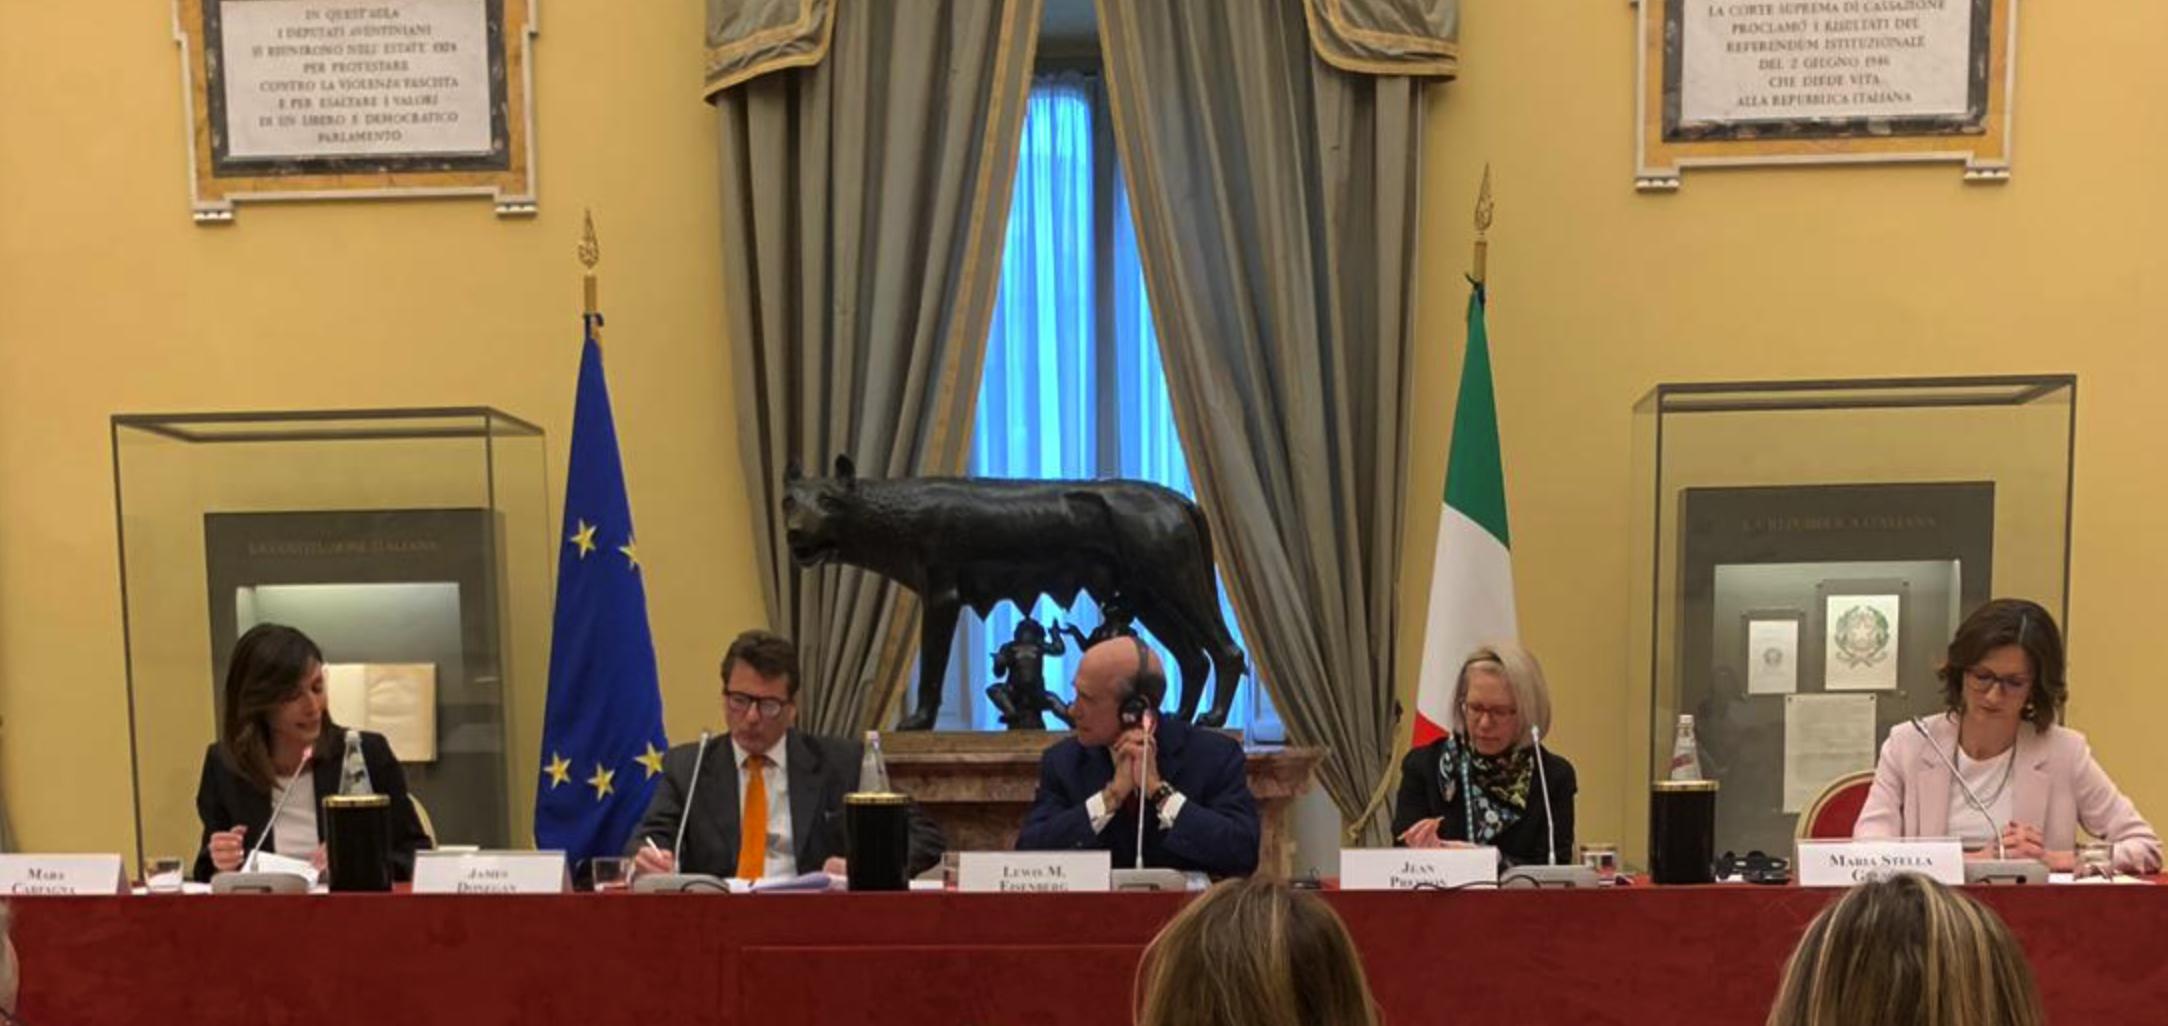 Ambasciatore usa con gelmini carfagna e fi l 39 intervista for Deputati di forza italia